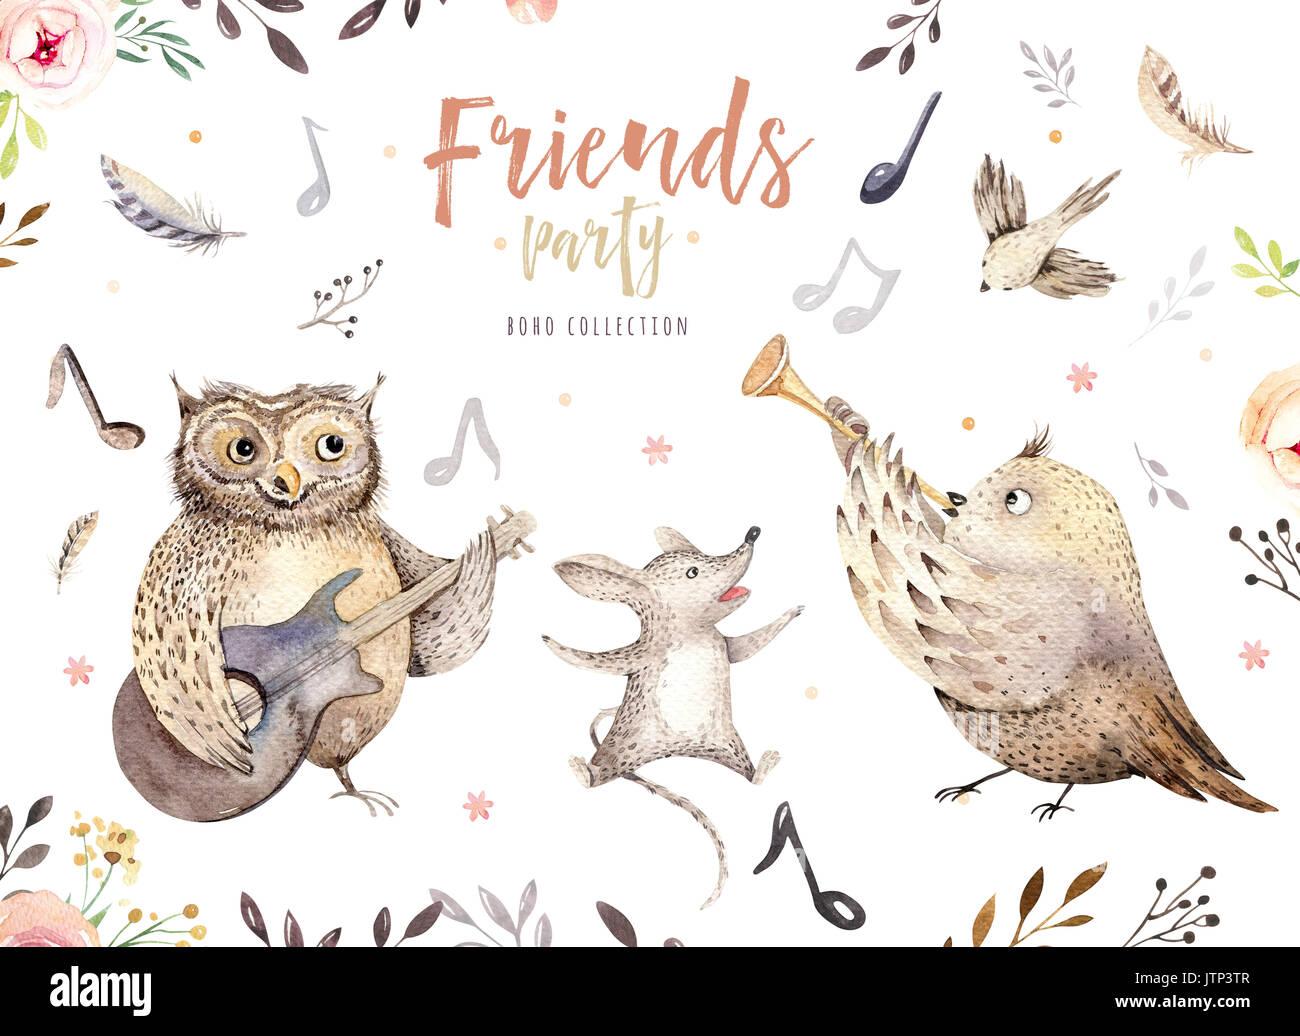 Hand Gezeichnet Aquarell Eule Maus Und Vogel Tanzen Tiere Boho Kinderzimmer Dekoration Illustrationen Musik Trendy Art Perfekt Fur Stoff Design